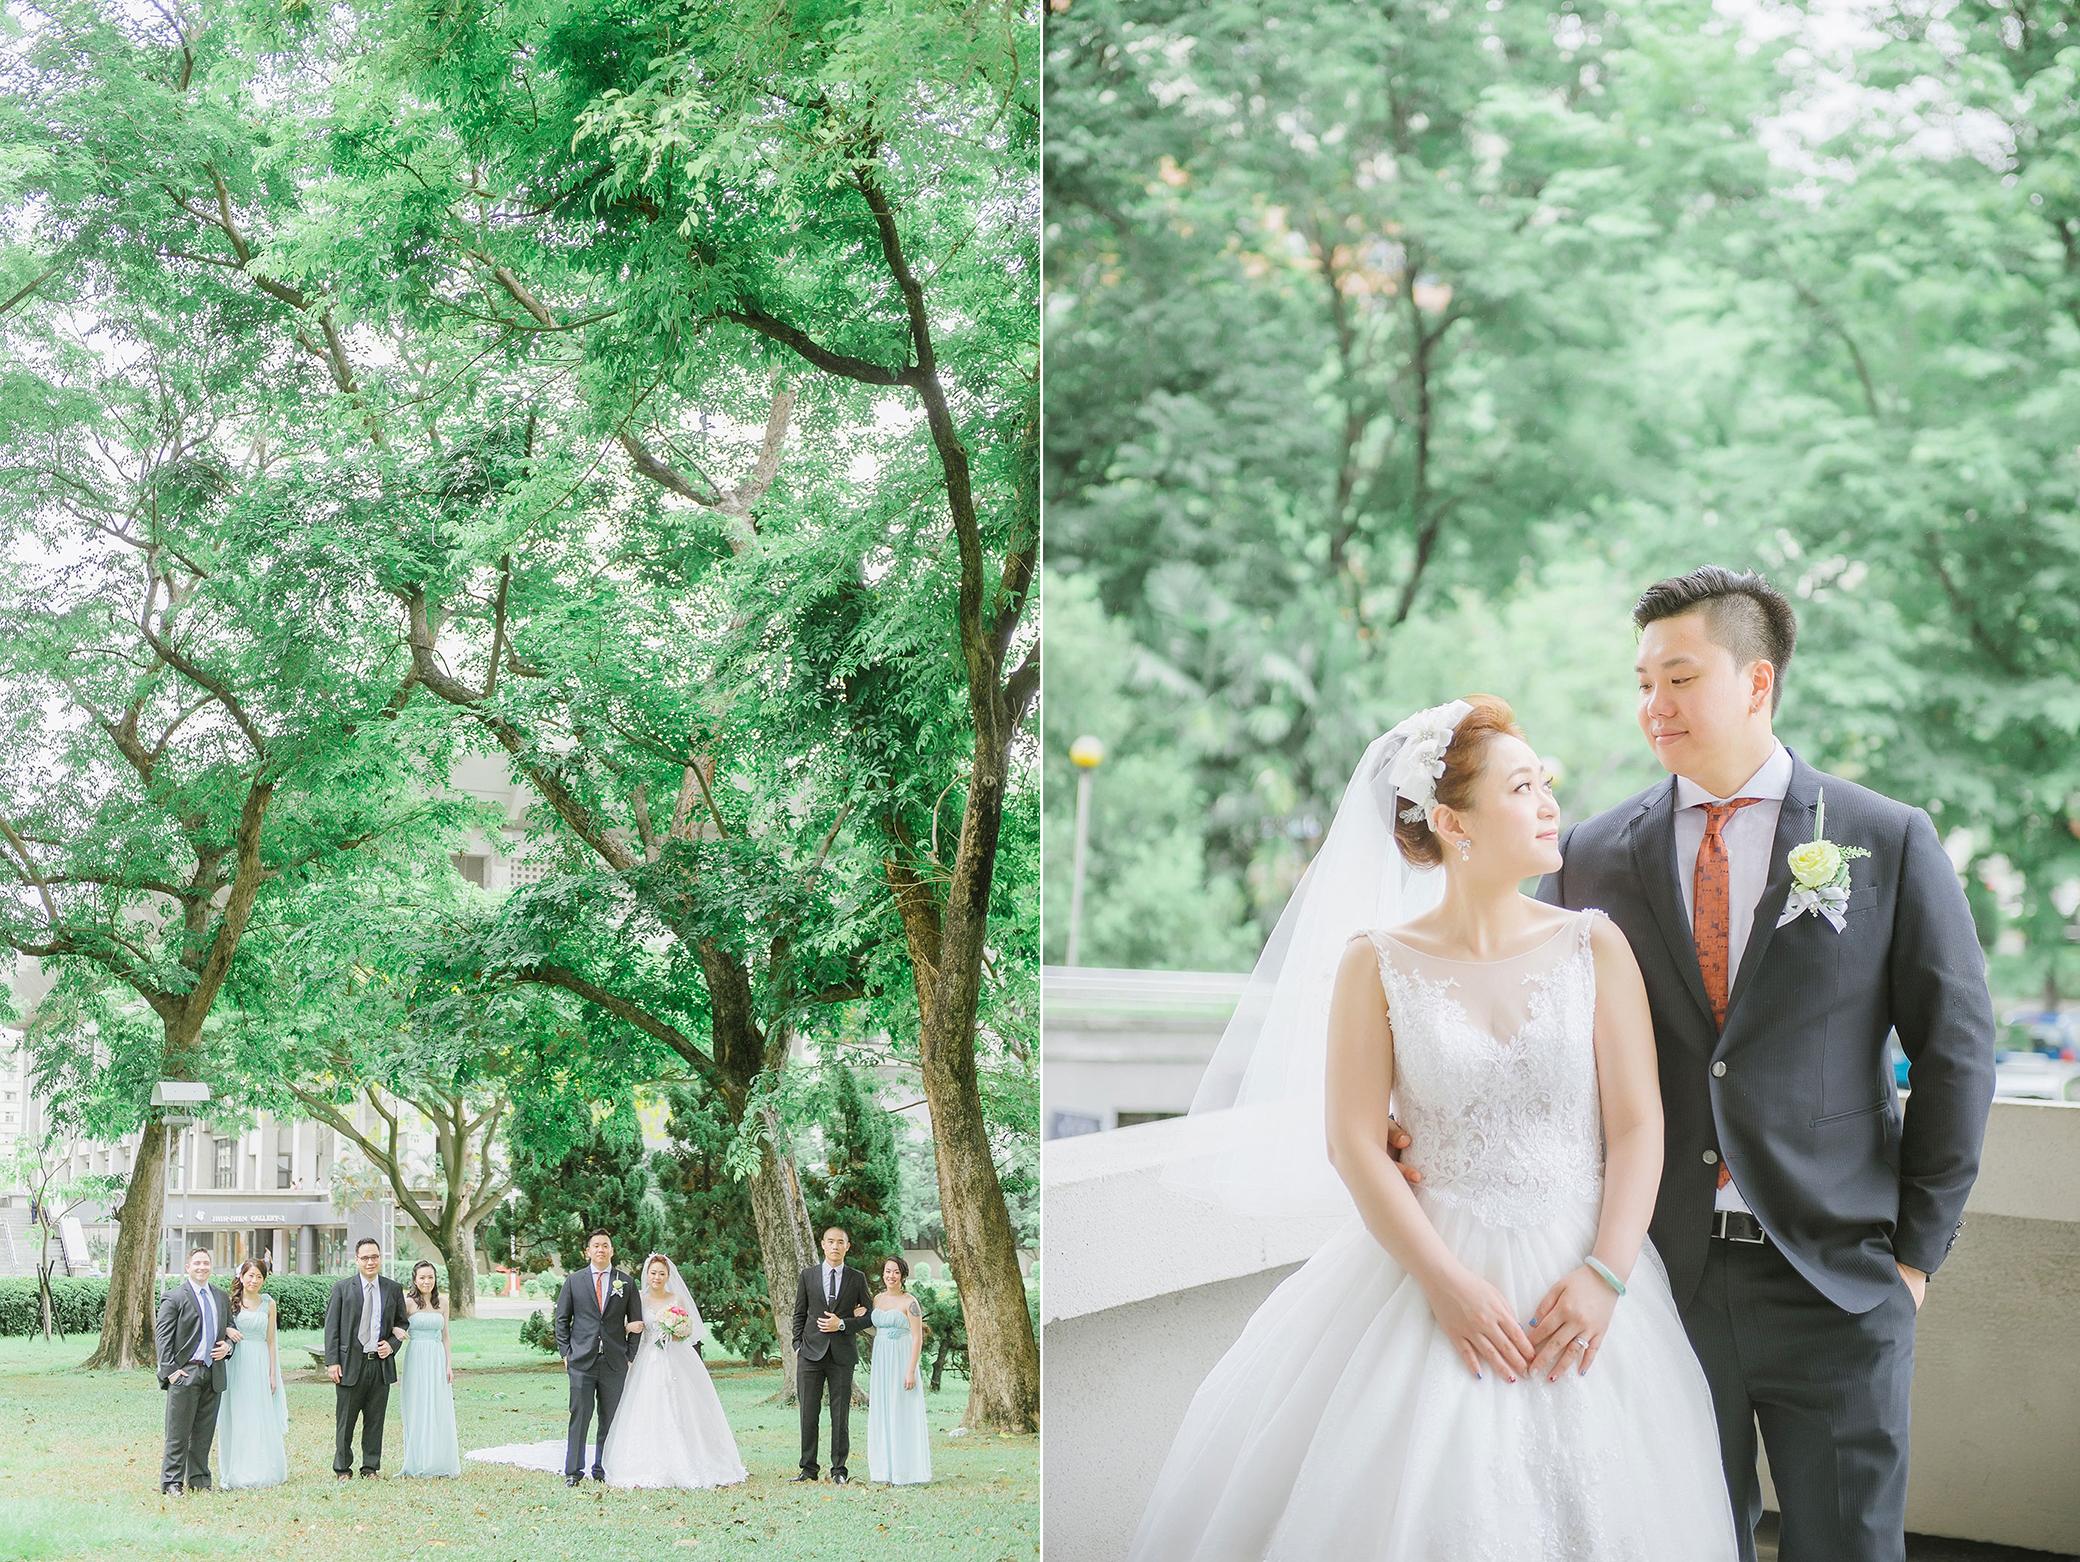 nickchang-realwedding-fineart-16